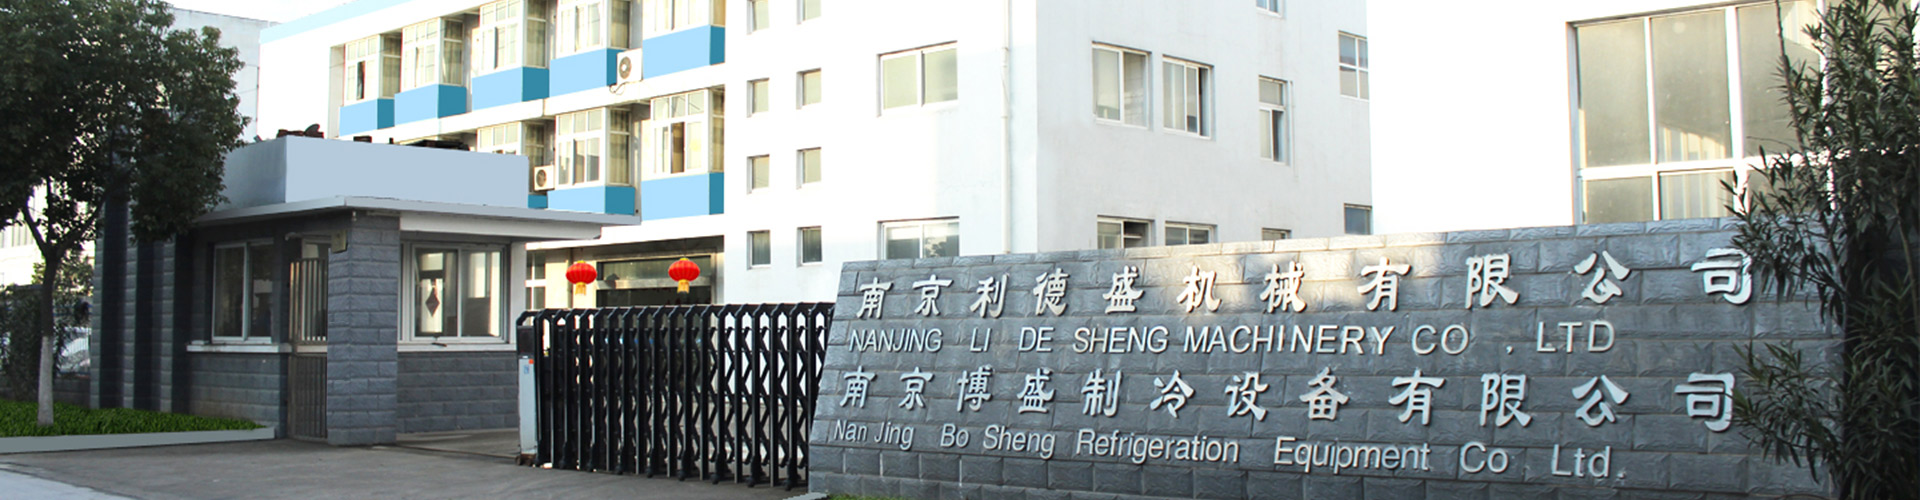 南京利德盛机械有限公司厂景介绍图片